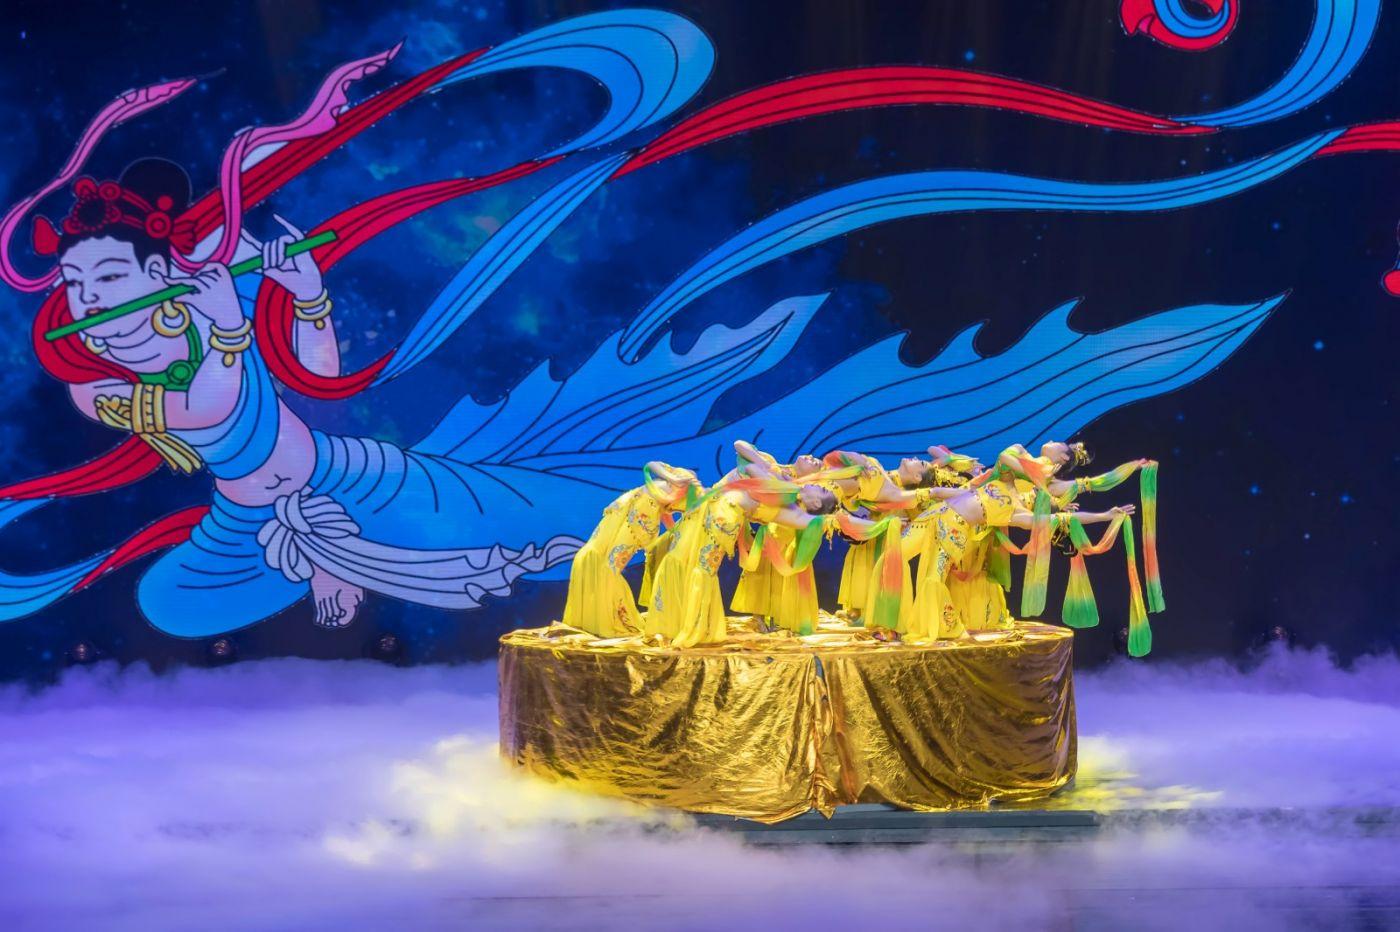 沂蒙大地上 有一种舞蹈叫飞天 这是几位临沂女孩的杰作 美轮美奂 ..._图1-47